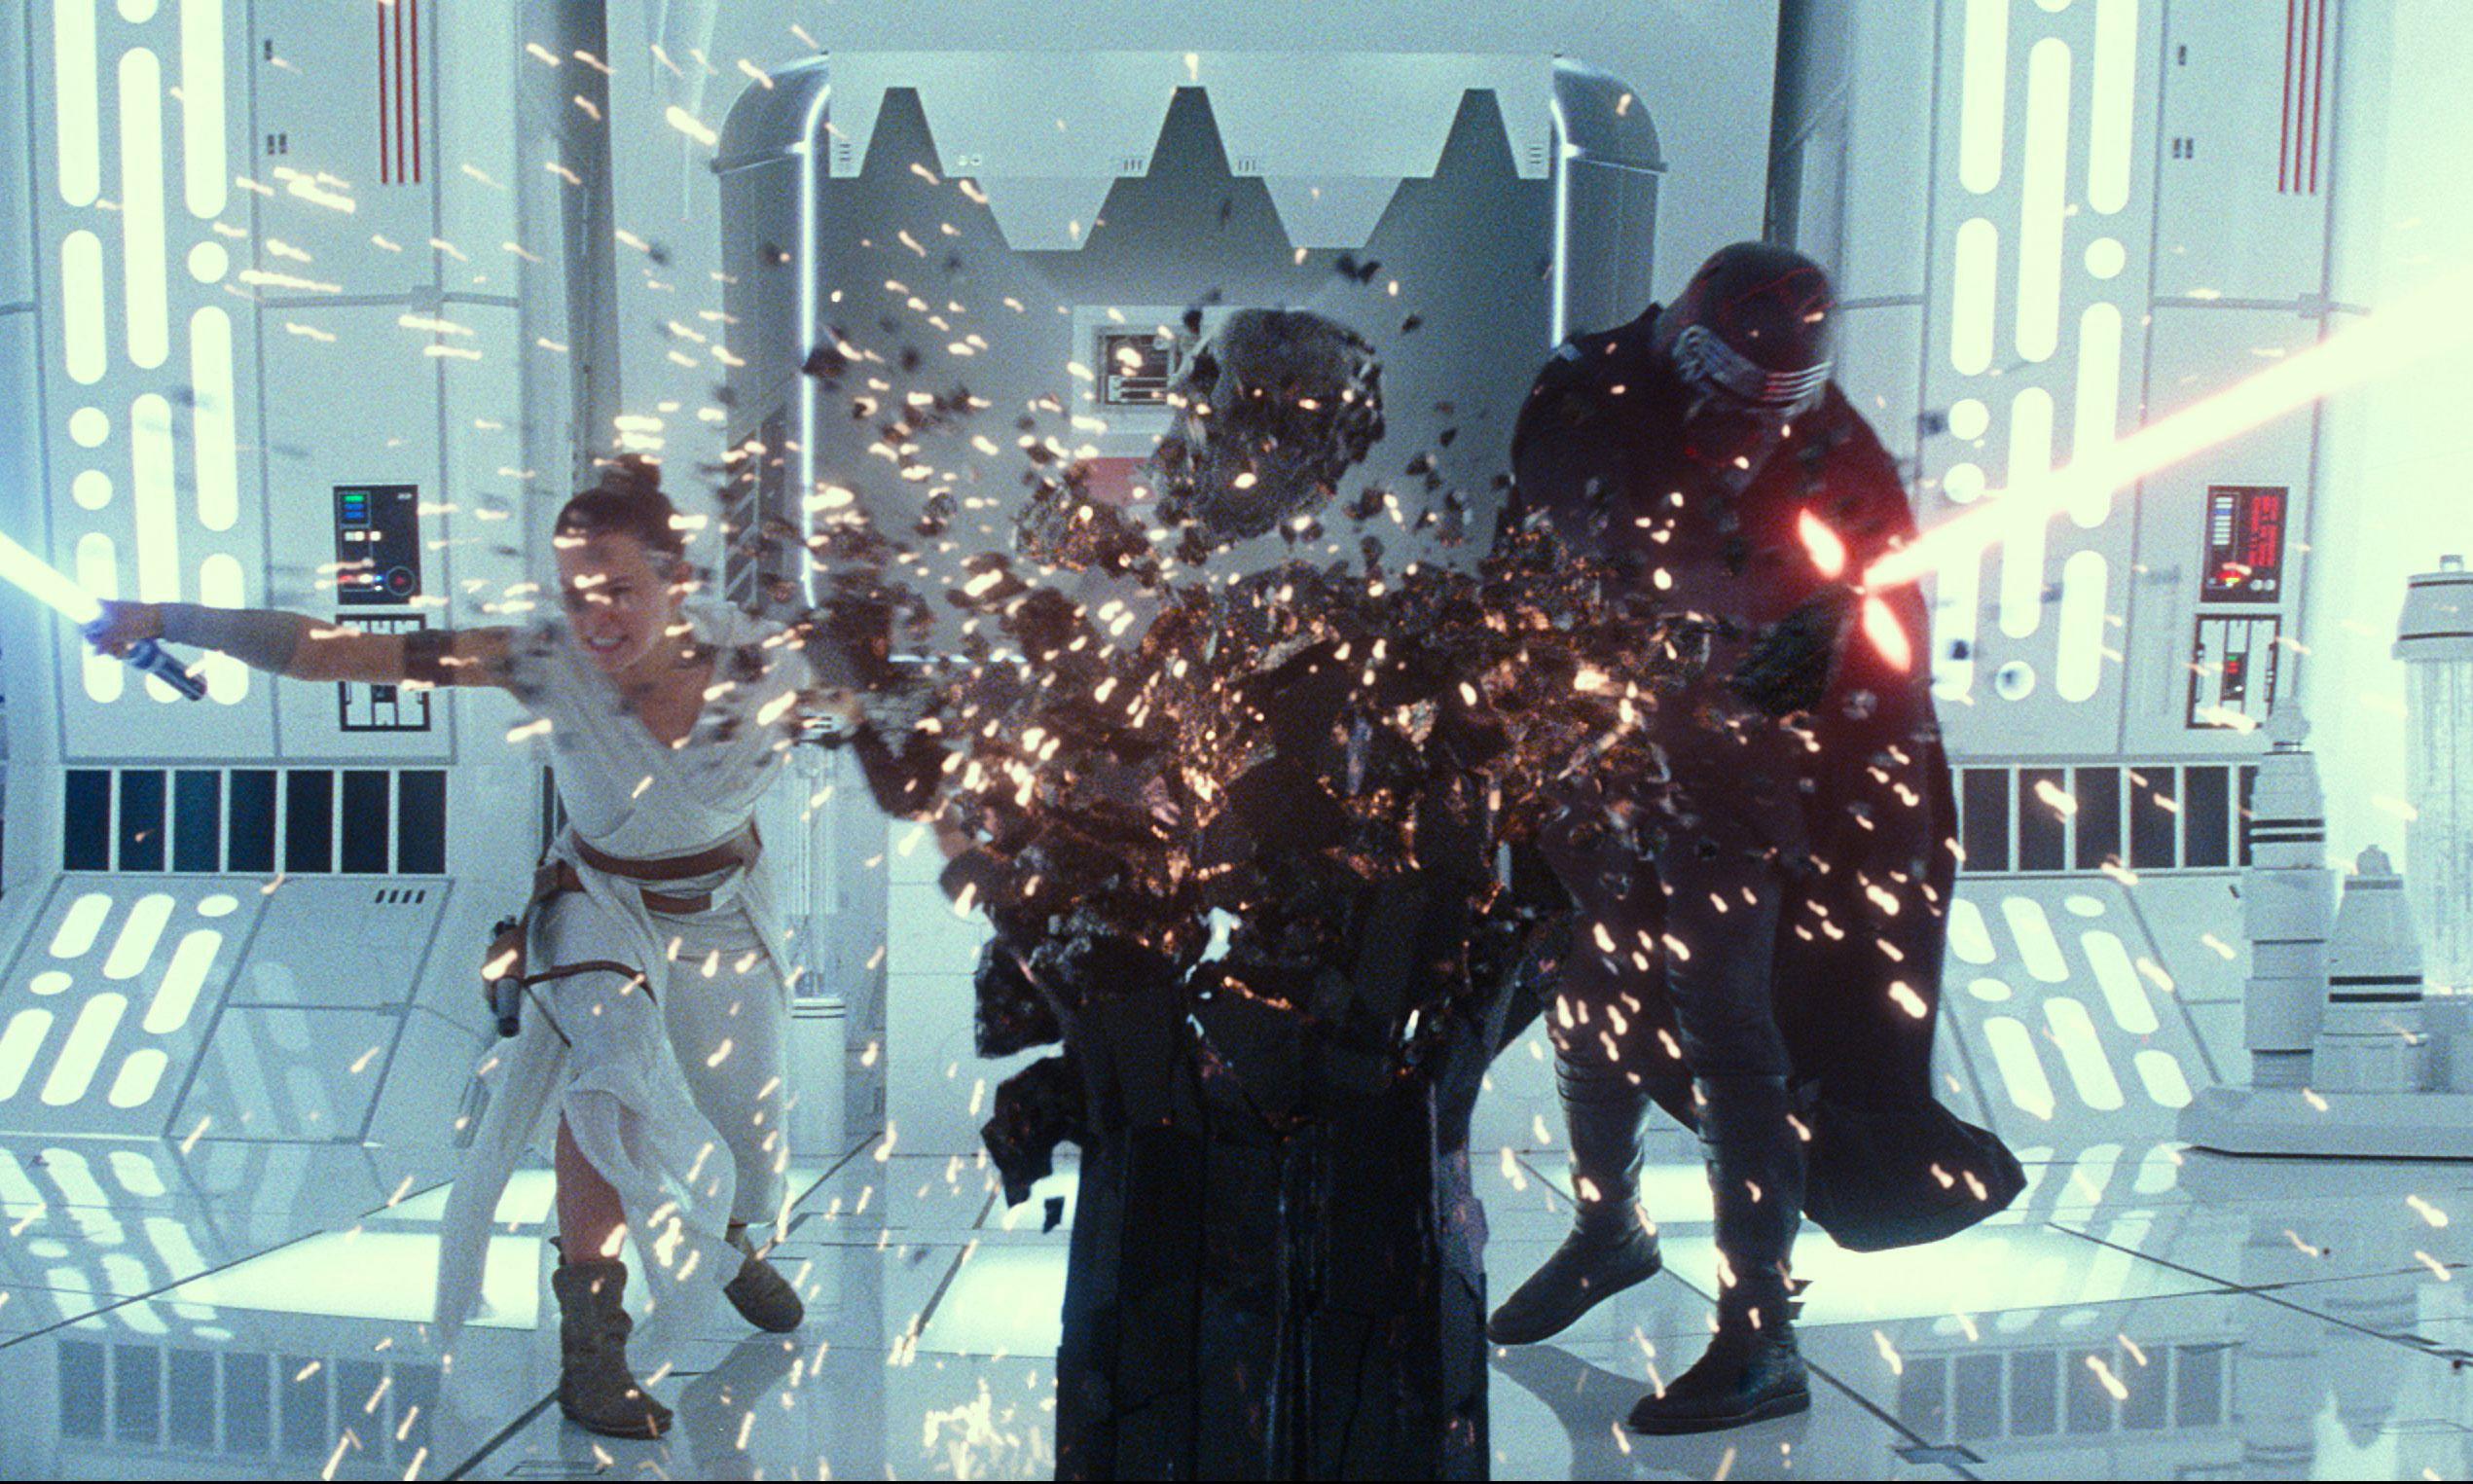 票房远不如预期,《星球大战 9:天行者崛起》首周末仅收 1.755 亿美元